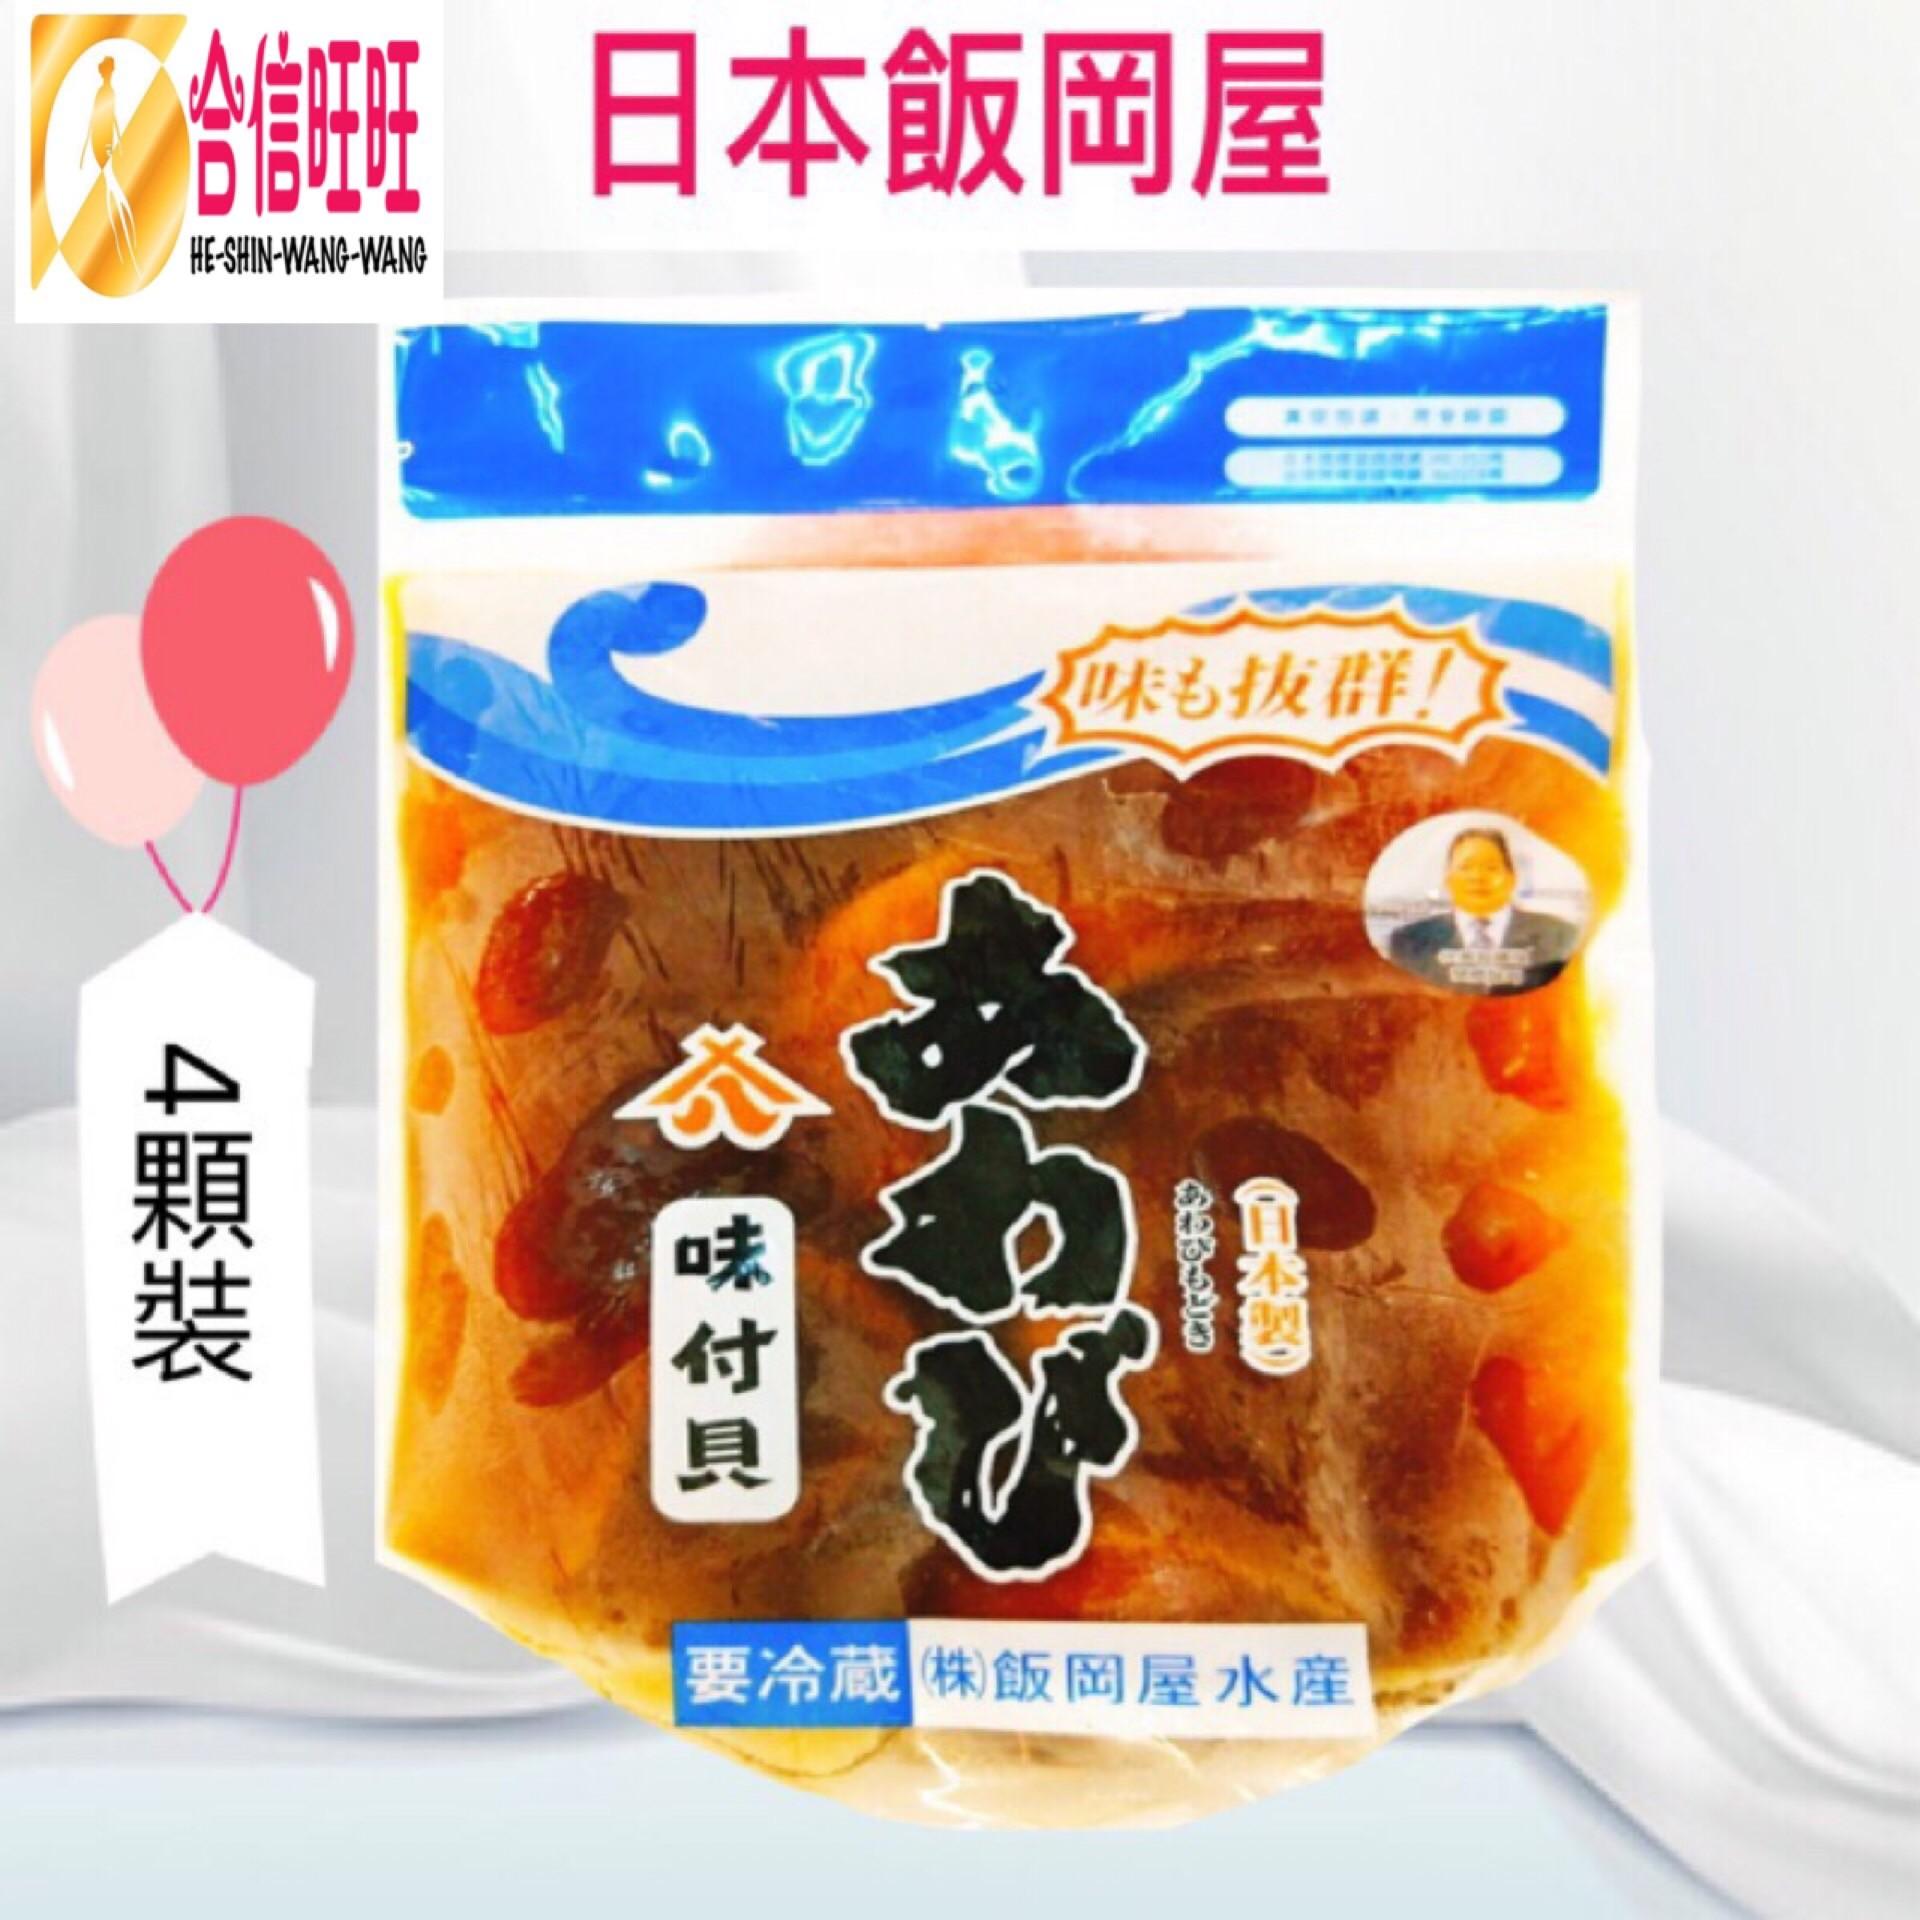 【飯岡屋味付貝】/4顆裝/鮑魚